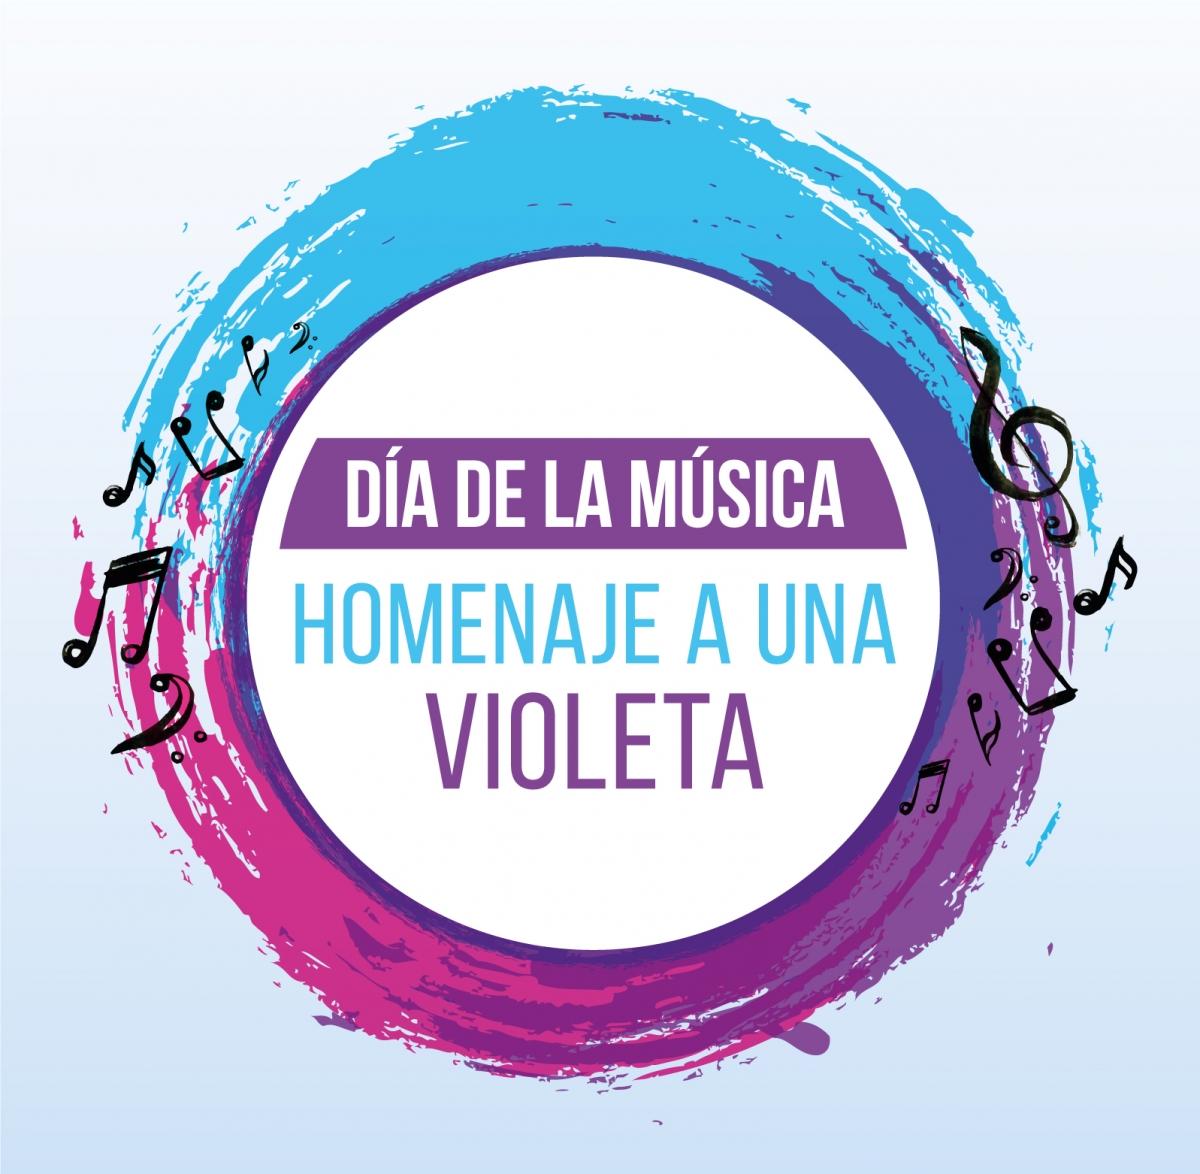 dia-musica-violeta